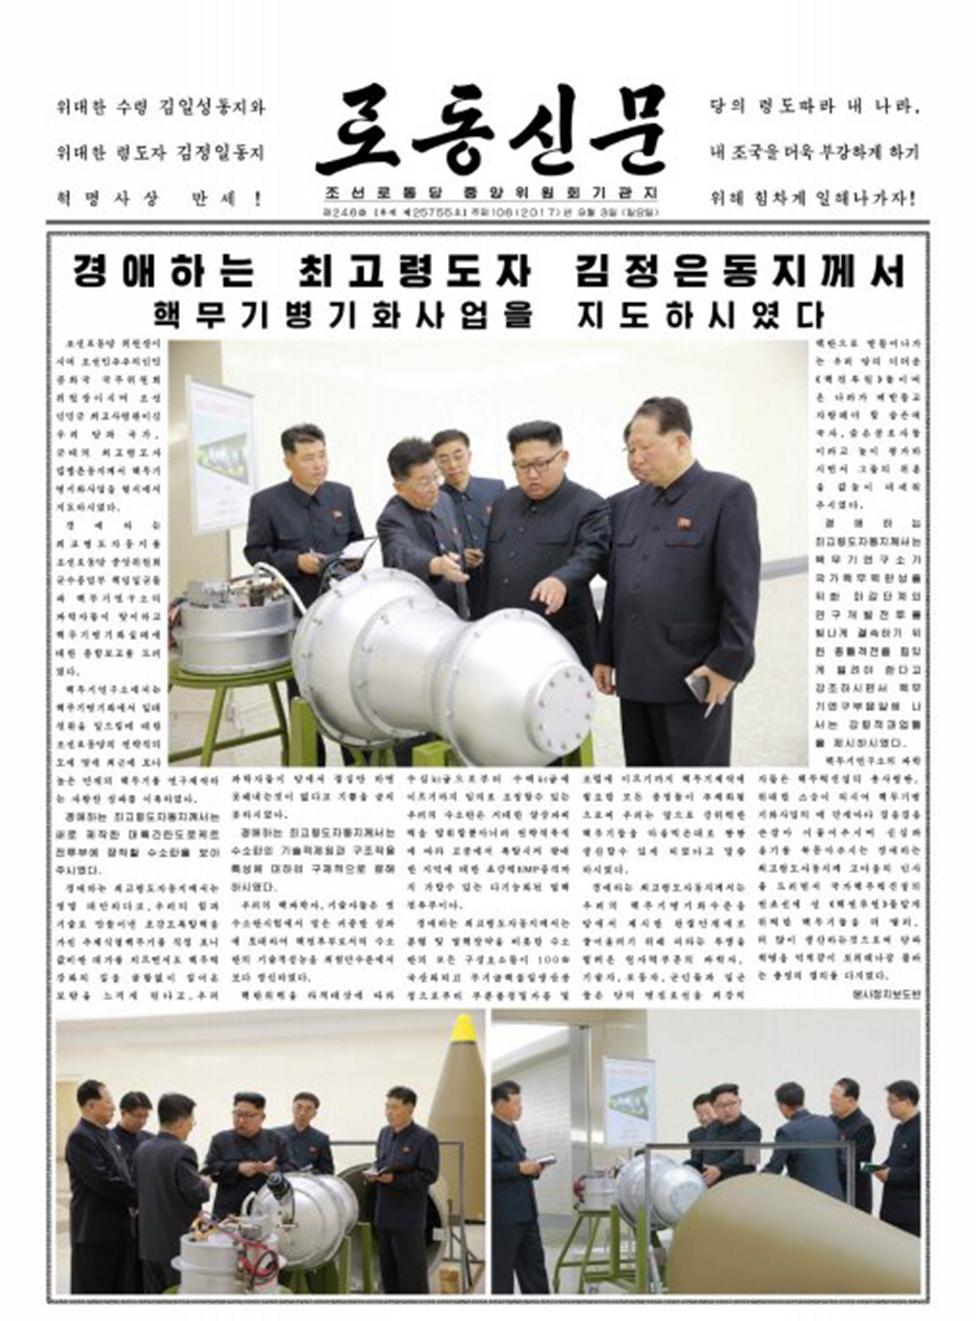 כלי התקשורת הצפון קוריאנים פרסמו את תמונות המנהיג והפצצה לעיניים בינלאומיות